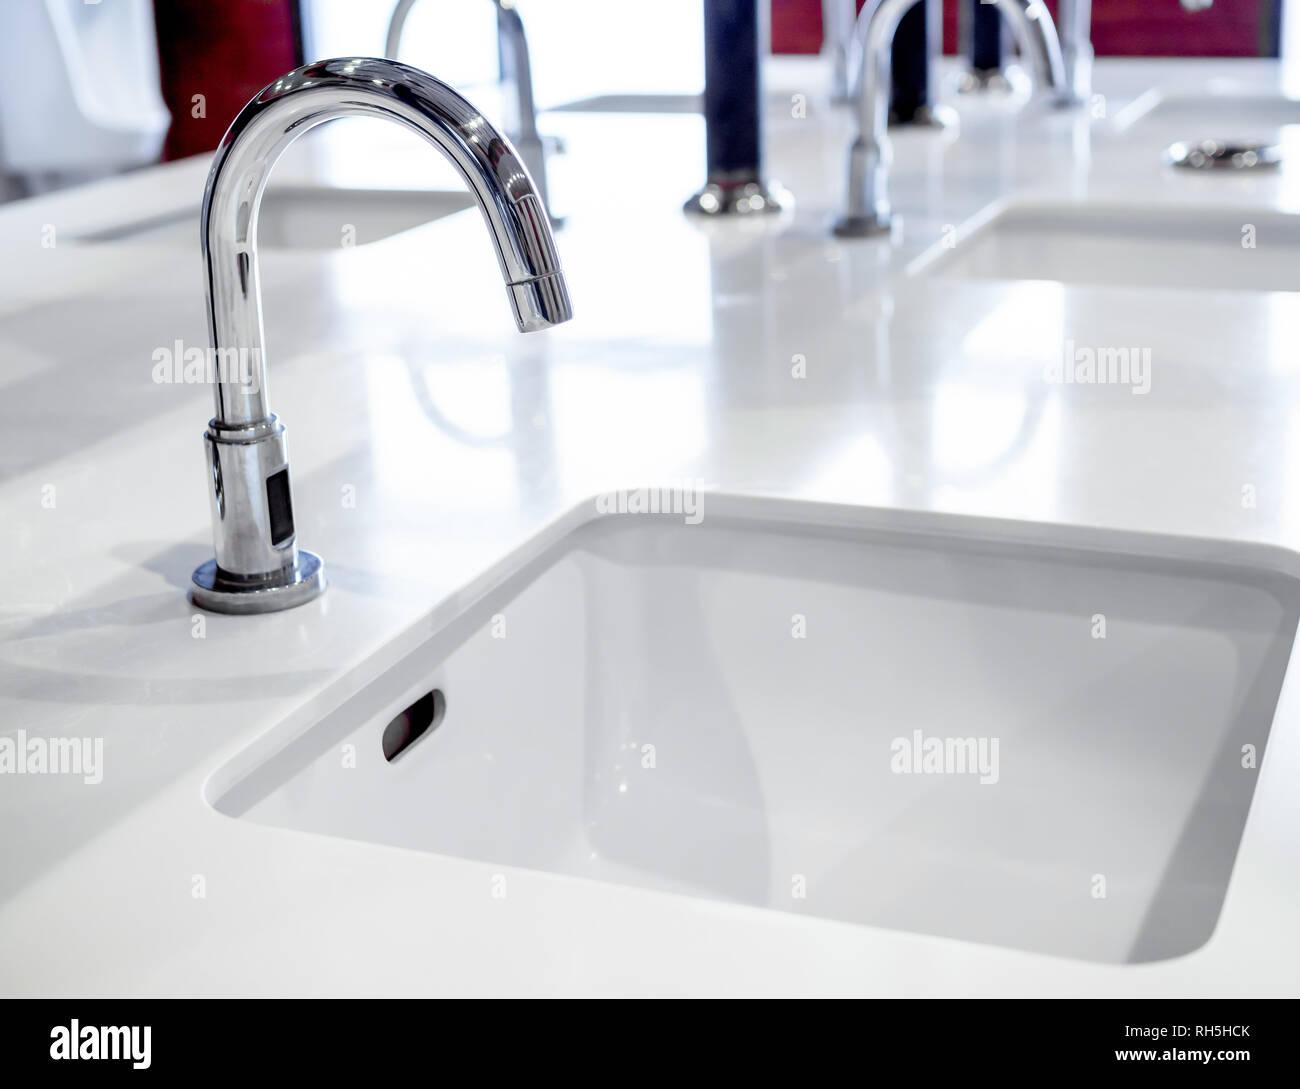 Edelstahl Wasserhahn Am Waschbecken Weiss Dekoration In Offentlichen